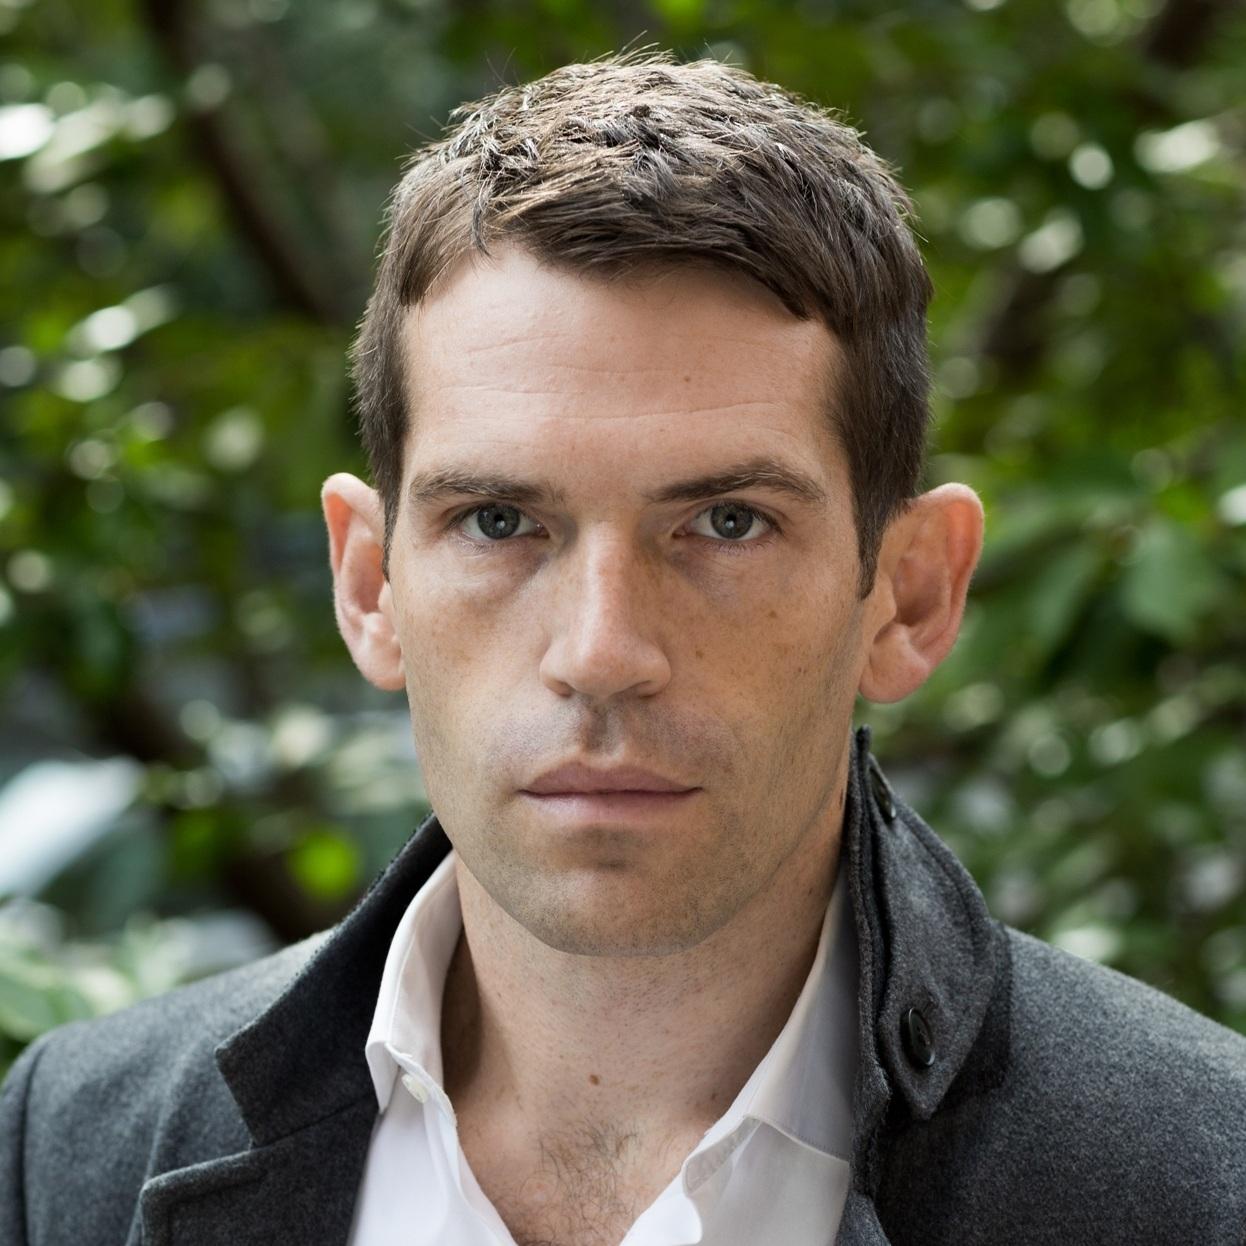 Daniel Kurtz-phelan / the china mission - April 2018